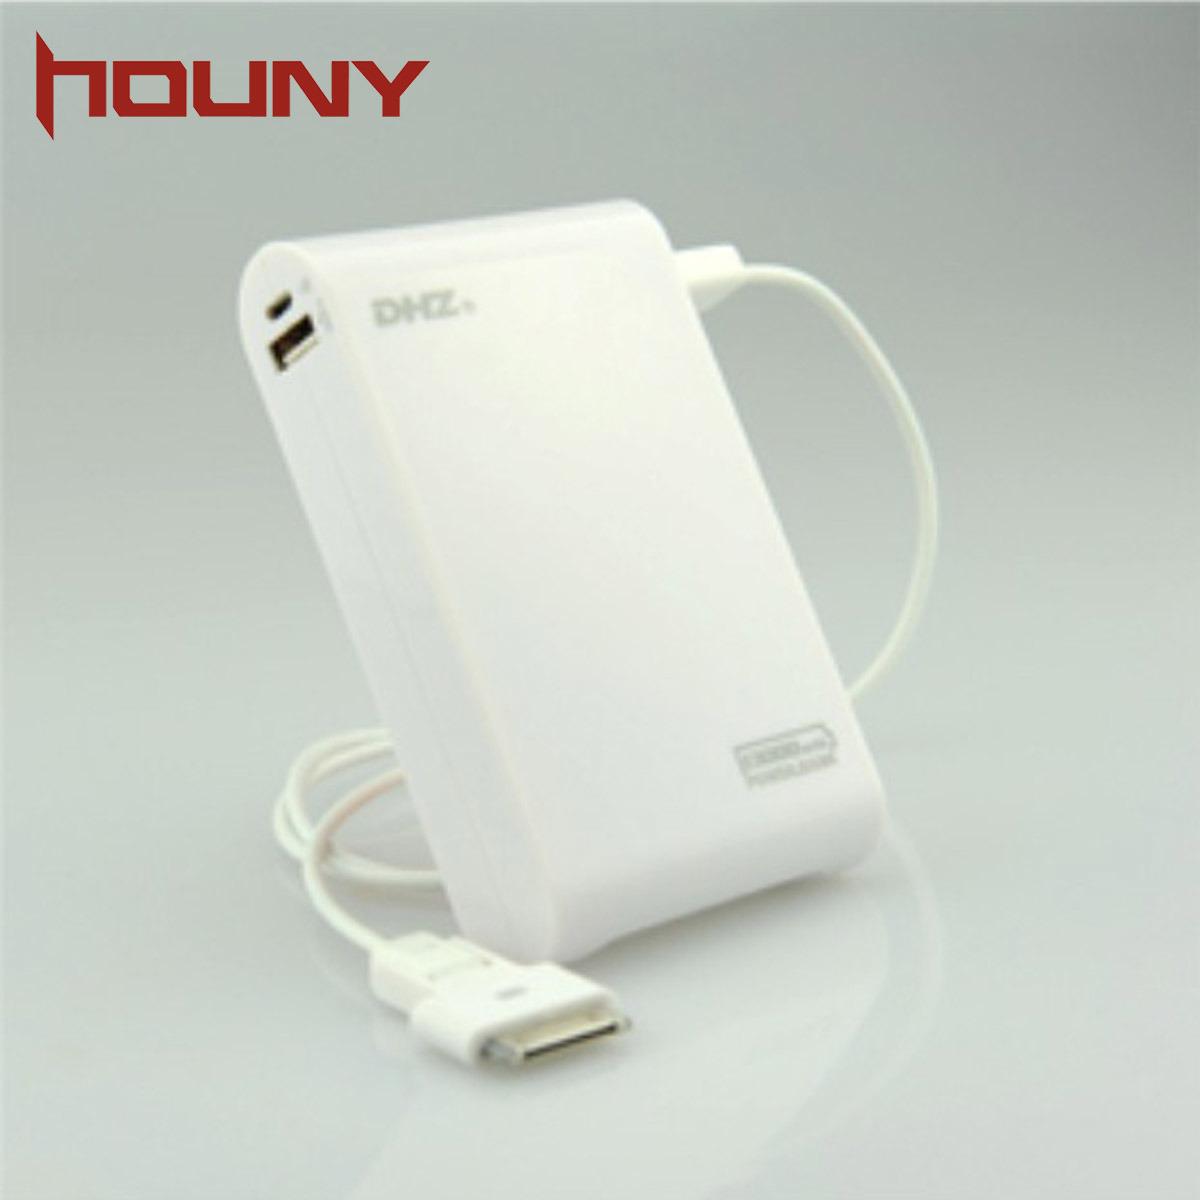 Внешнее зарядное устройство 13000mAh аккумулятор для мобильного телефона/портативное зарядное устройство для мобильных телефонов (CD658)